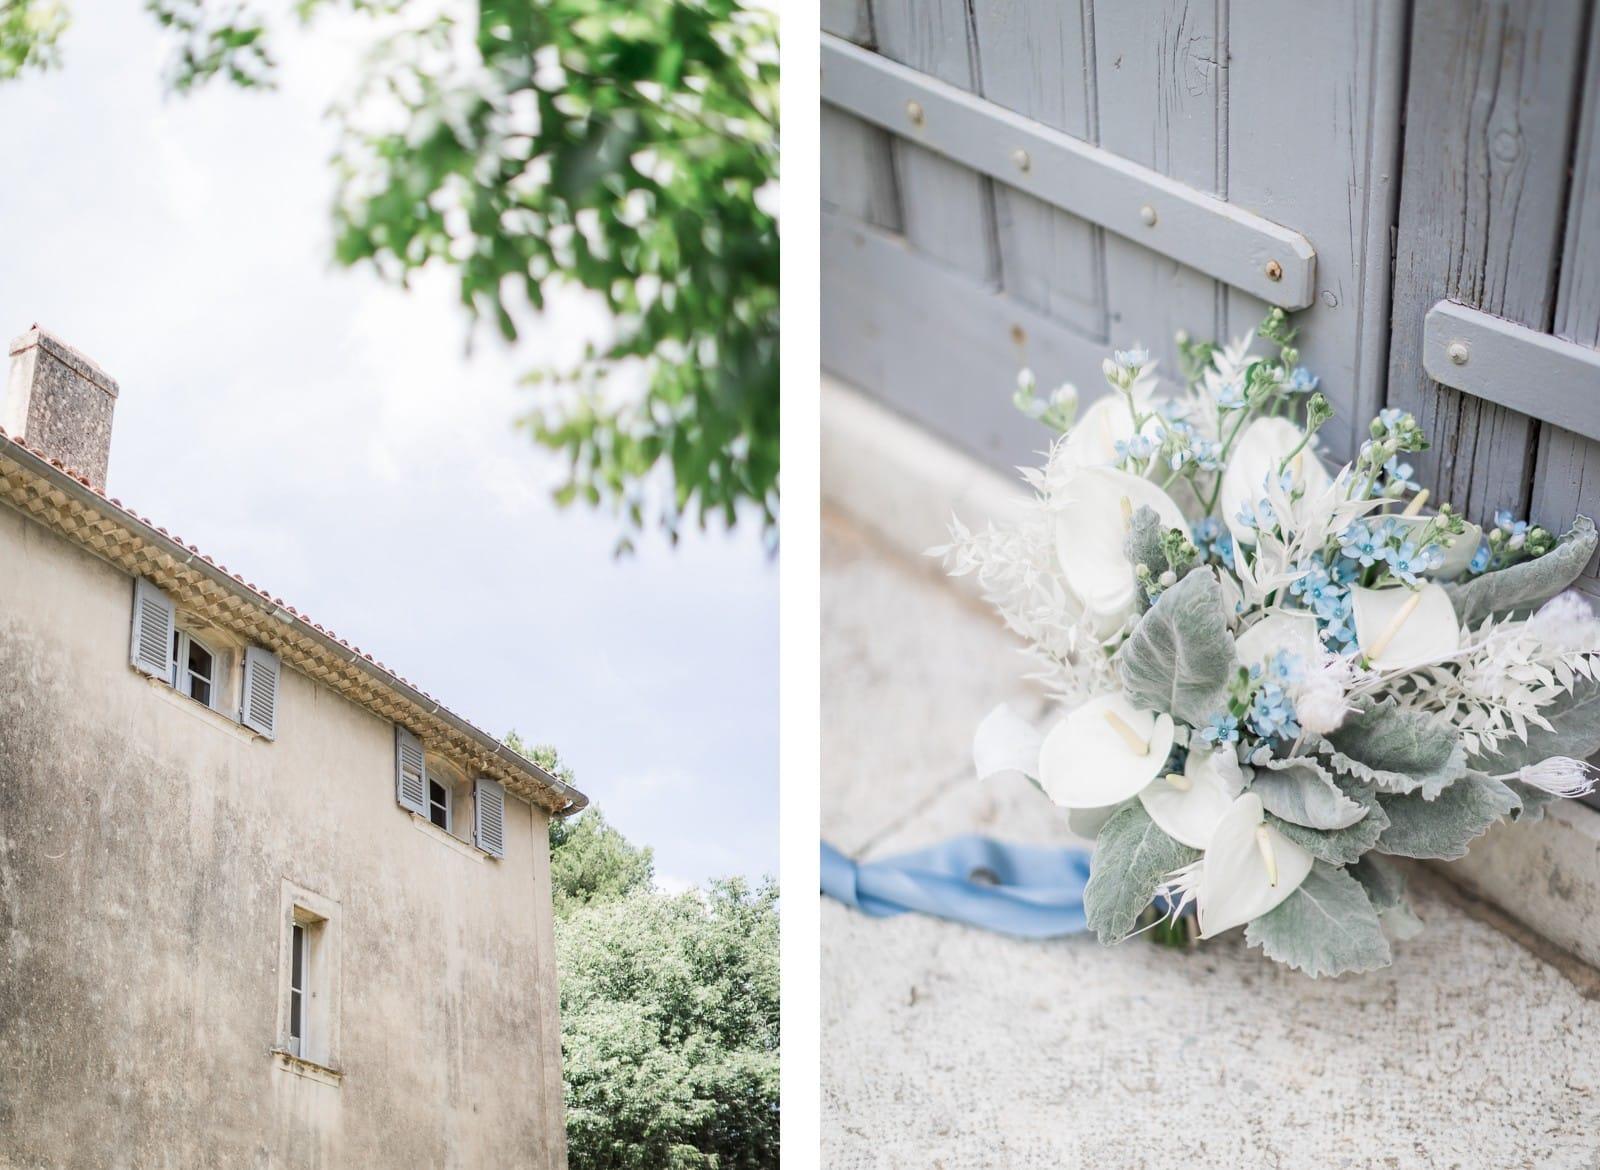 Photographie de Mathieu Dété, photographe de mariage à Saint-Pierre de la Réunion (974), présentant les détails du bouquet de la mariée